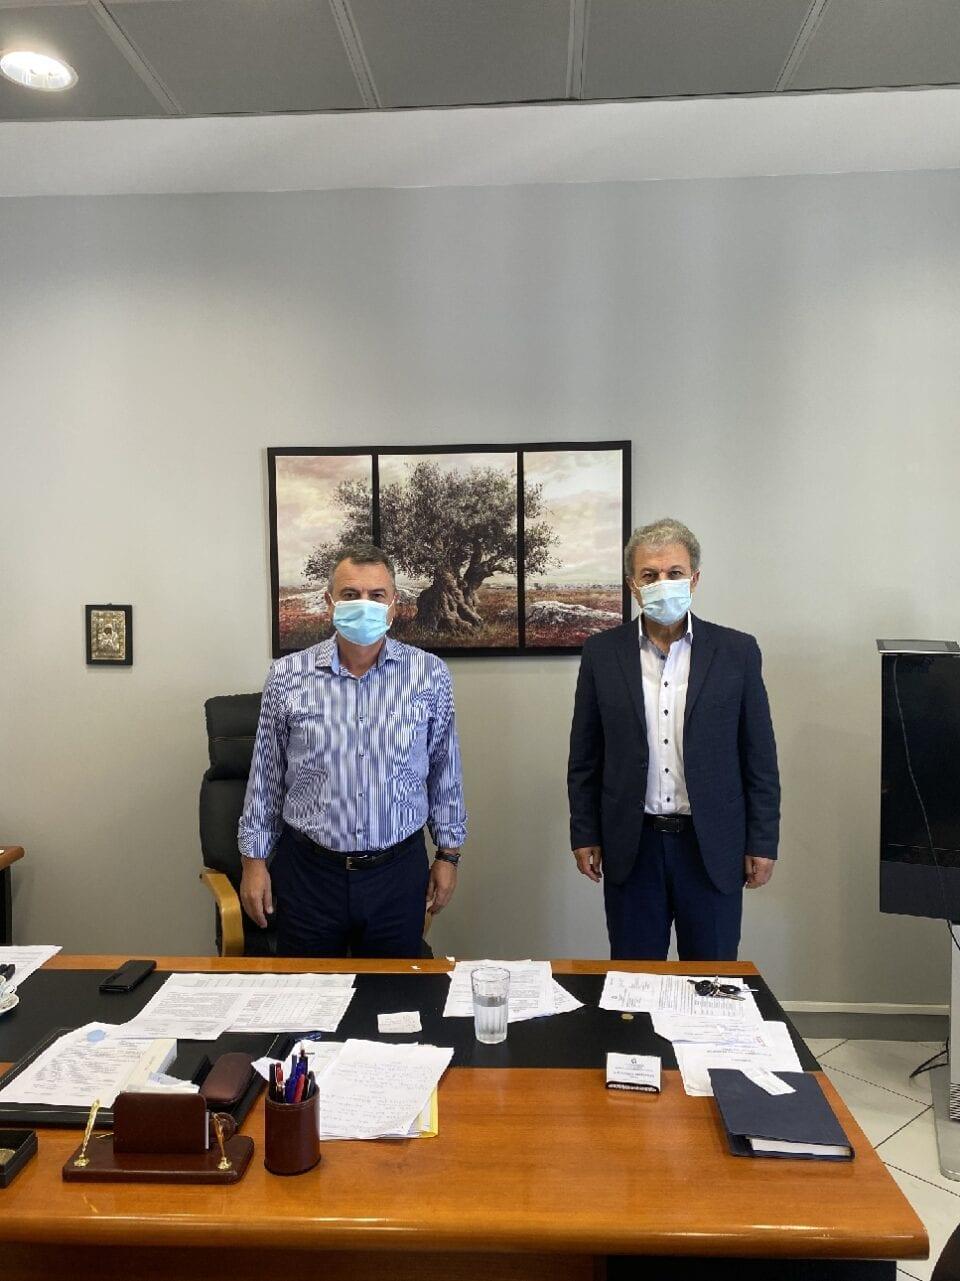 Συνάντηση του Βουλευτή Ν. Κοζάνης Γιώργου Αμανατίδη με τον Διοικητή της 3ης Υγειονομικής Περιφέρειας (Υ.ΠΕ) Παναγιώτη Μπογιατζίδη 1